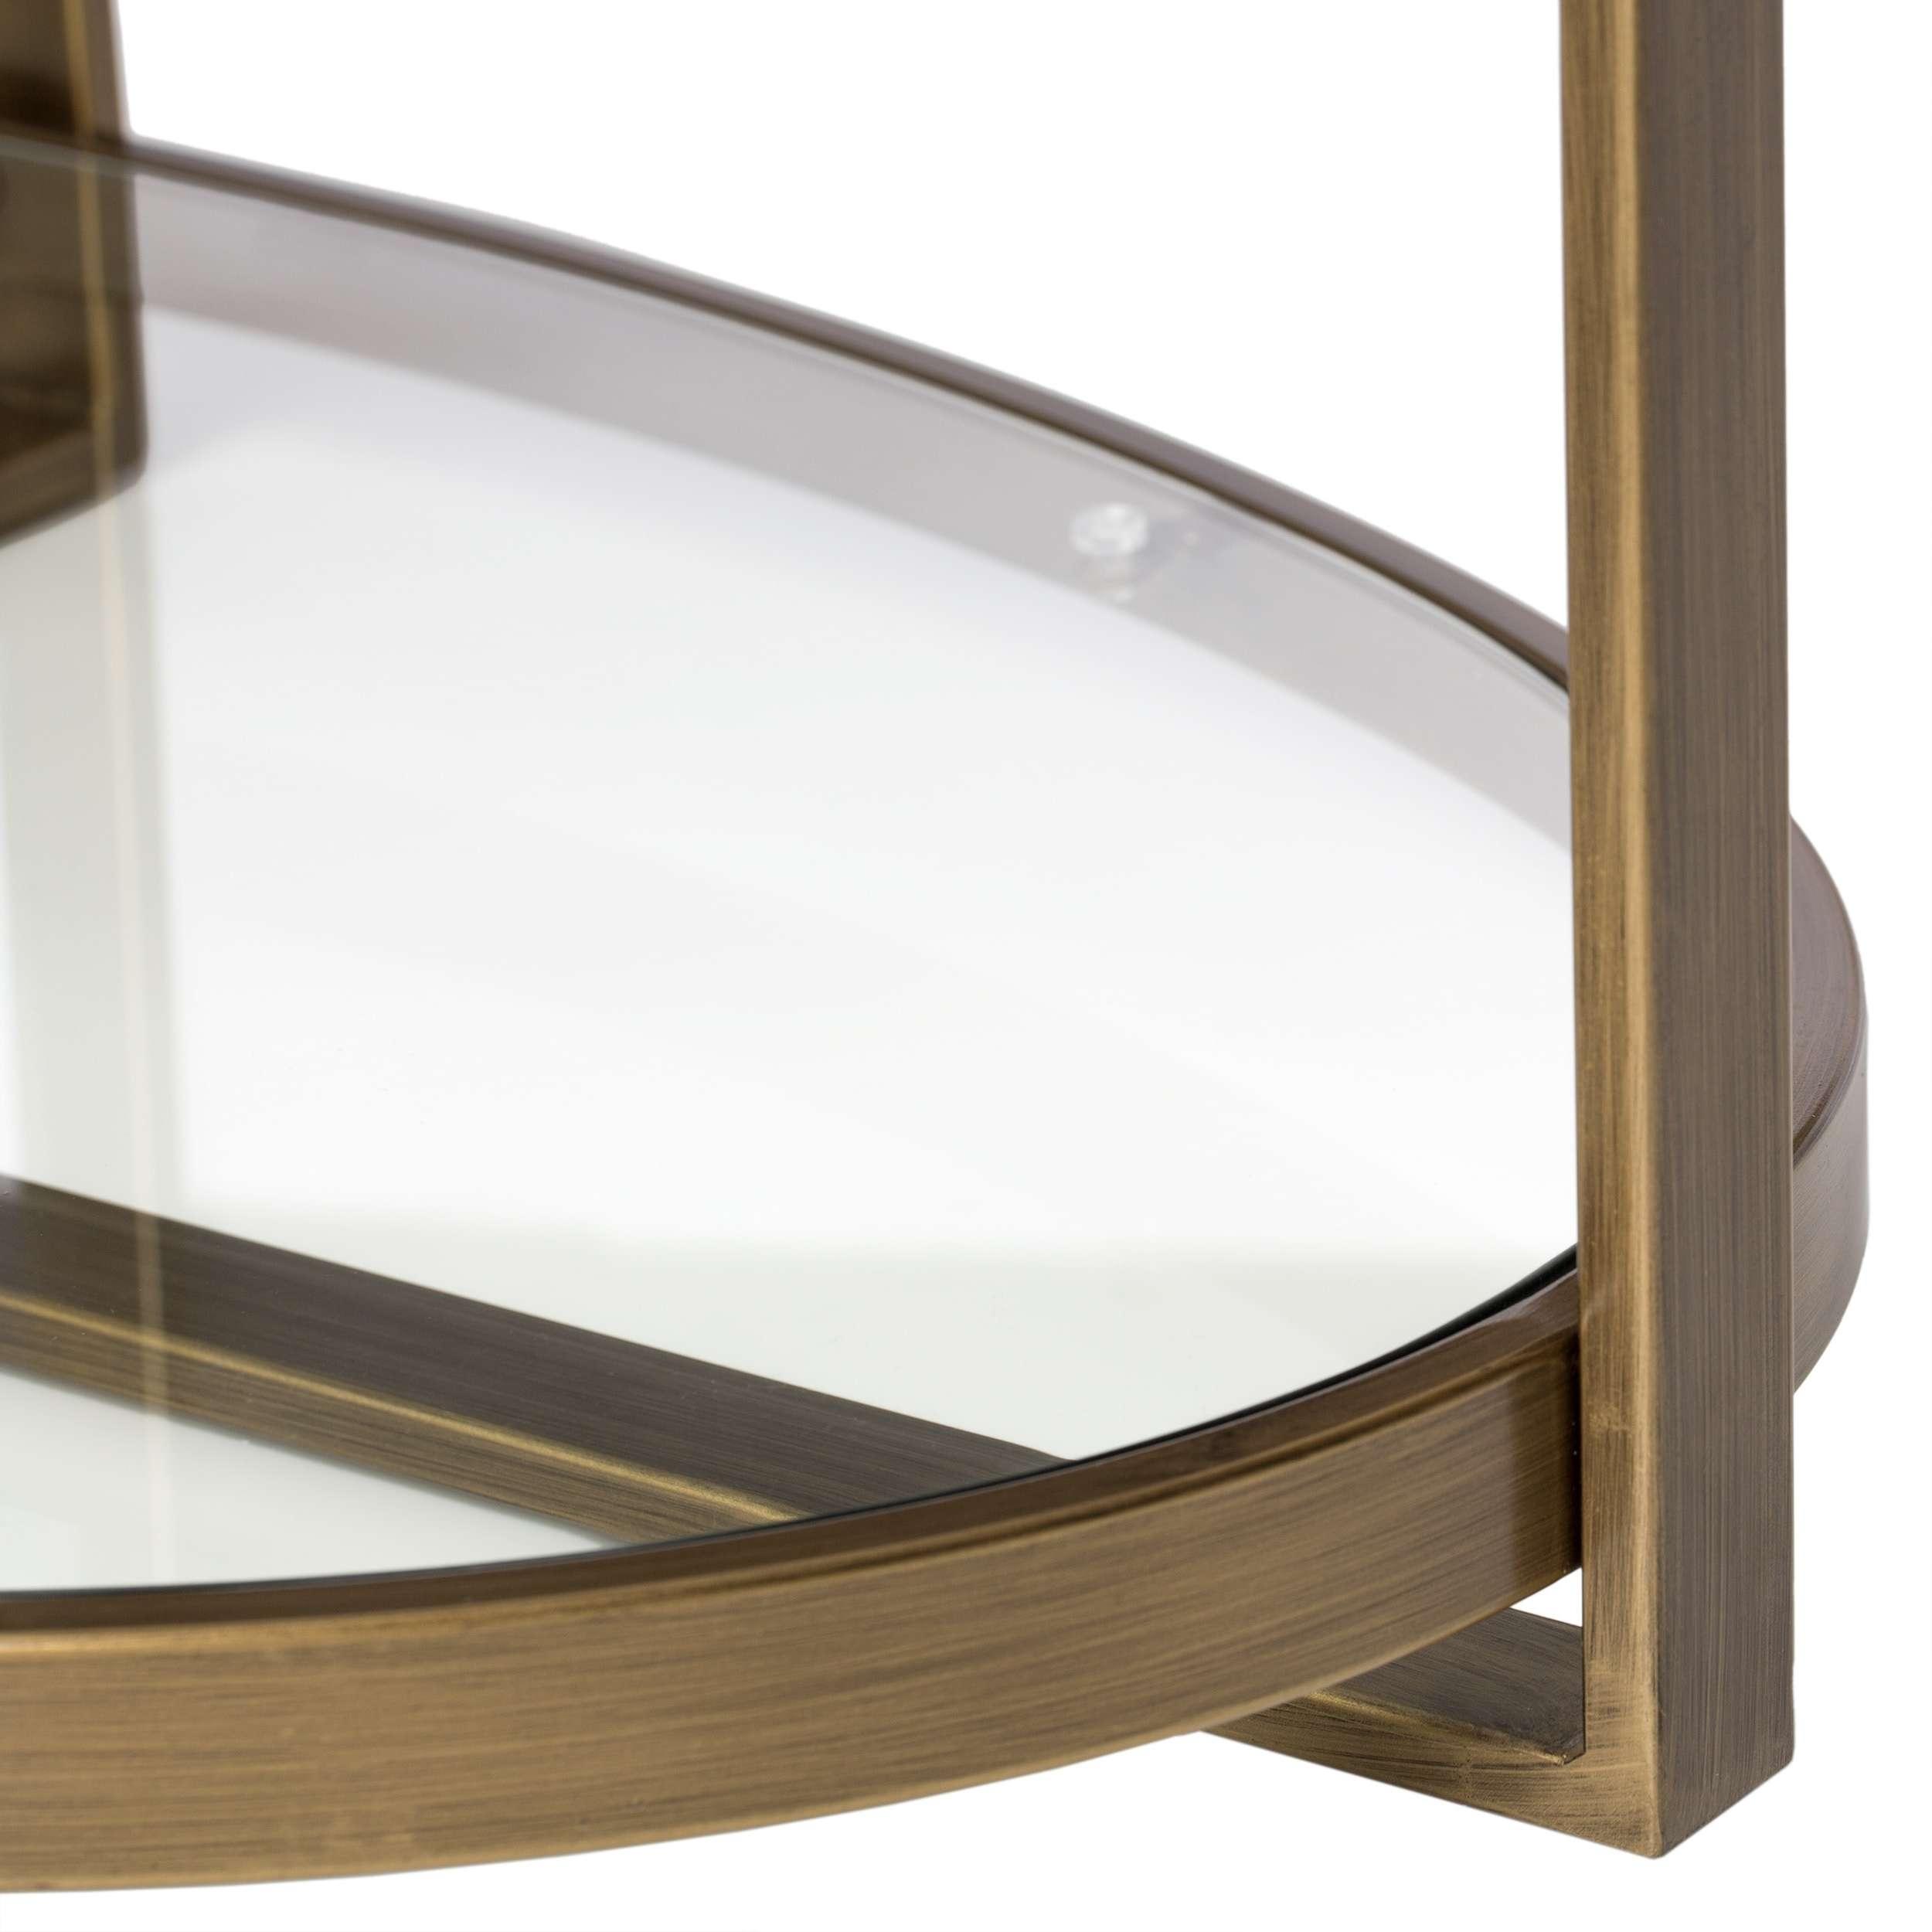 Silver Orchid Marcello Retro Glitz Glass/ Metal Coffee Table For Fashionable Retro Glitz Glass Coffee Tables (View 7 of 20)